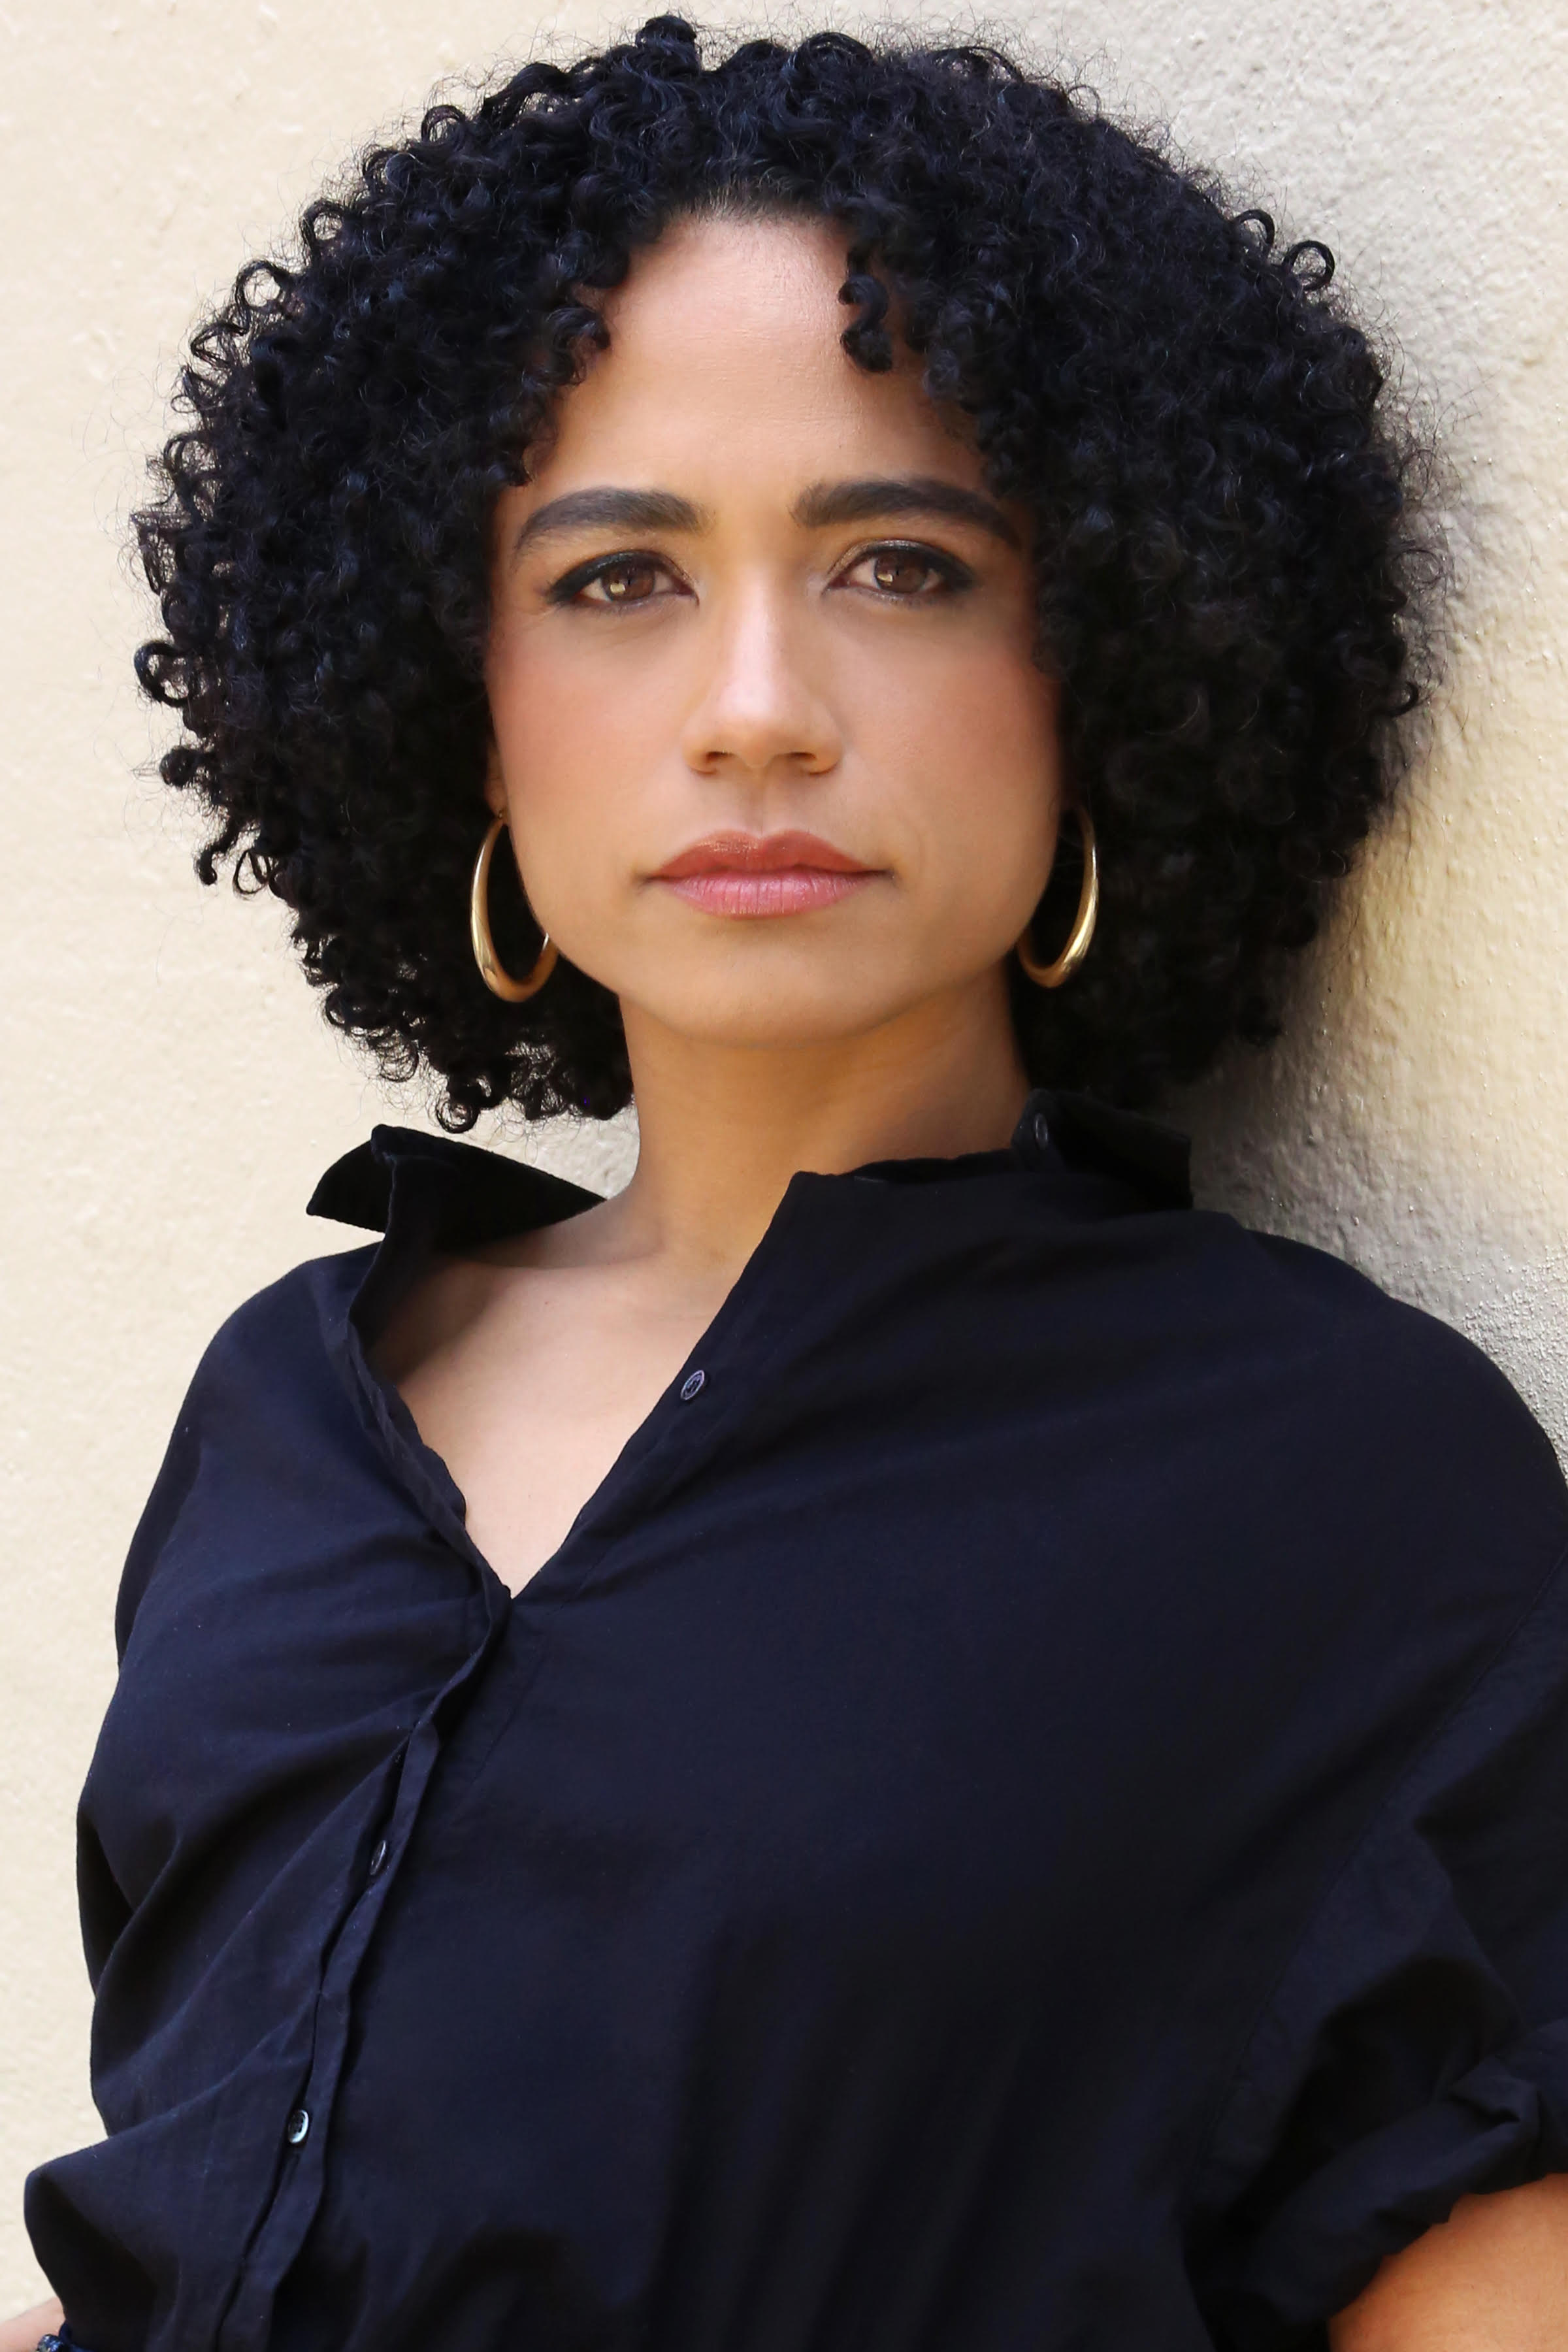 Lauren Ridloff Headshot